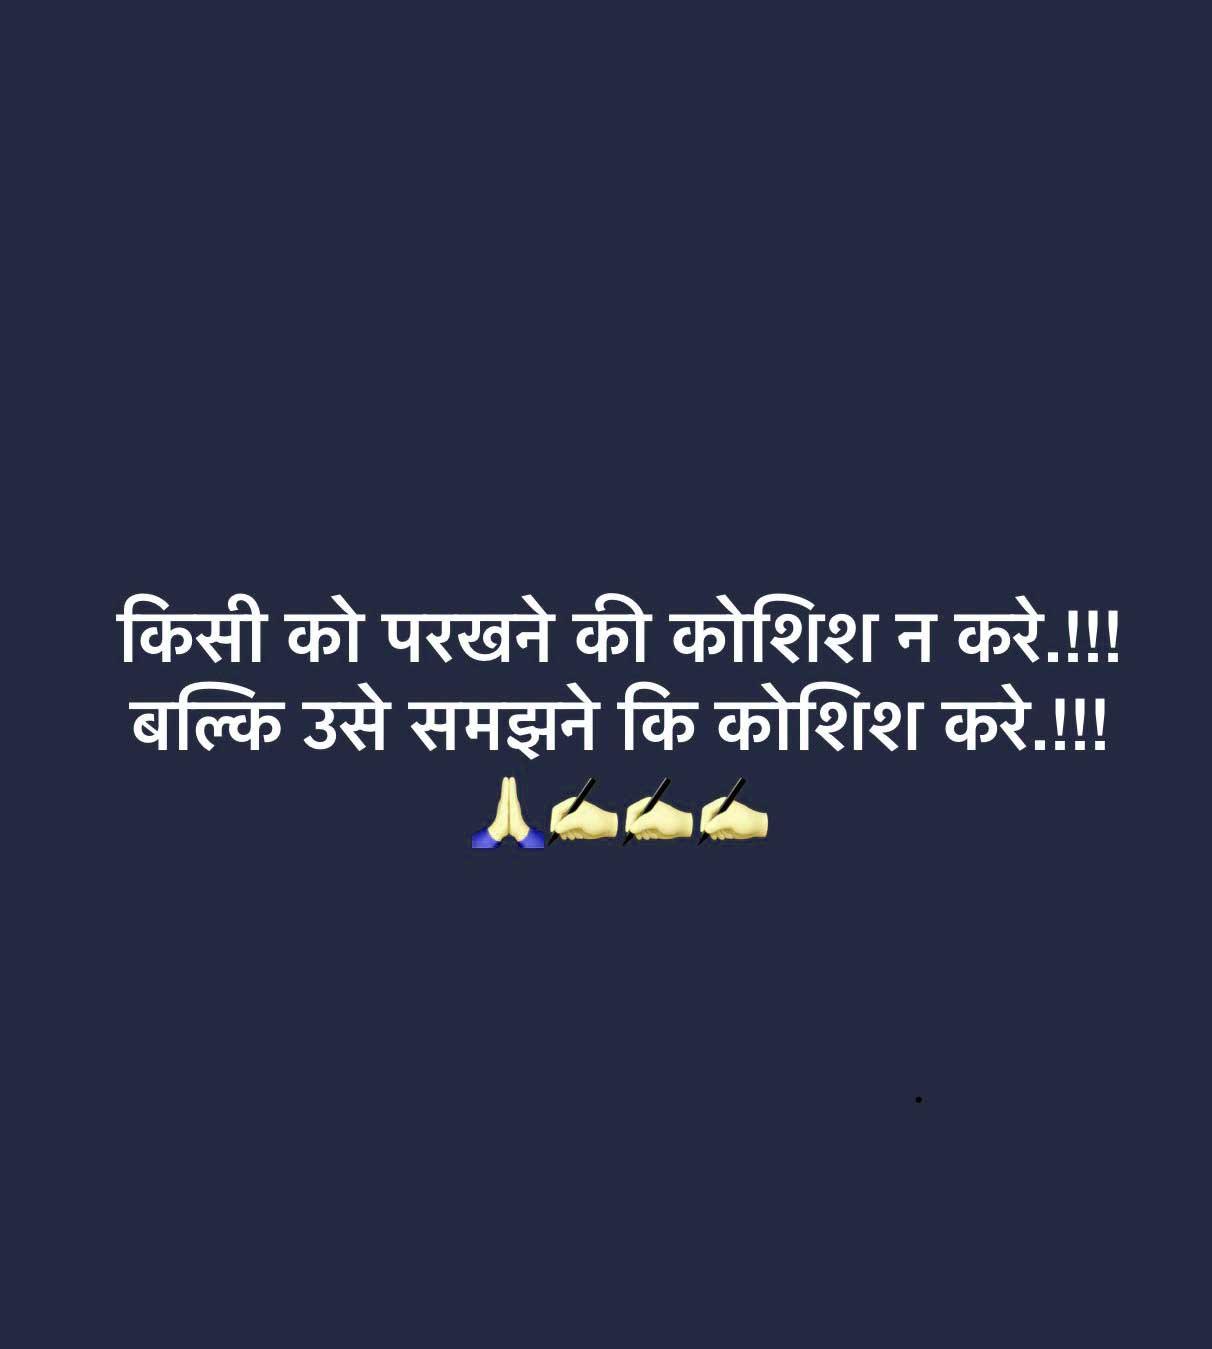 New Hindi Quotes Whatsapp DP Free